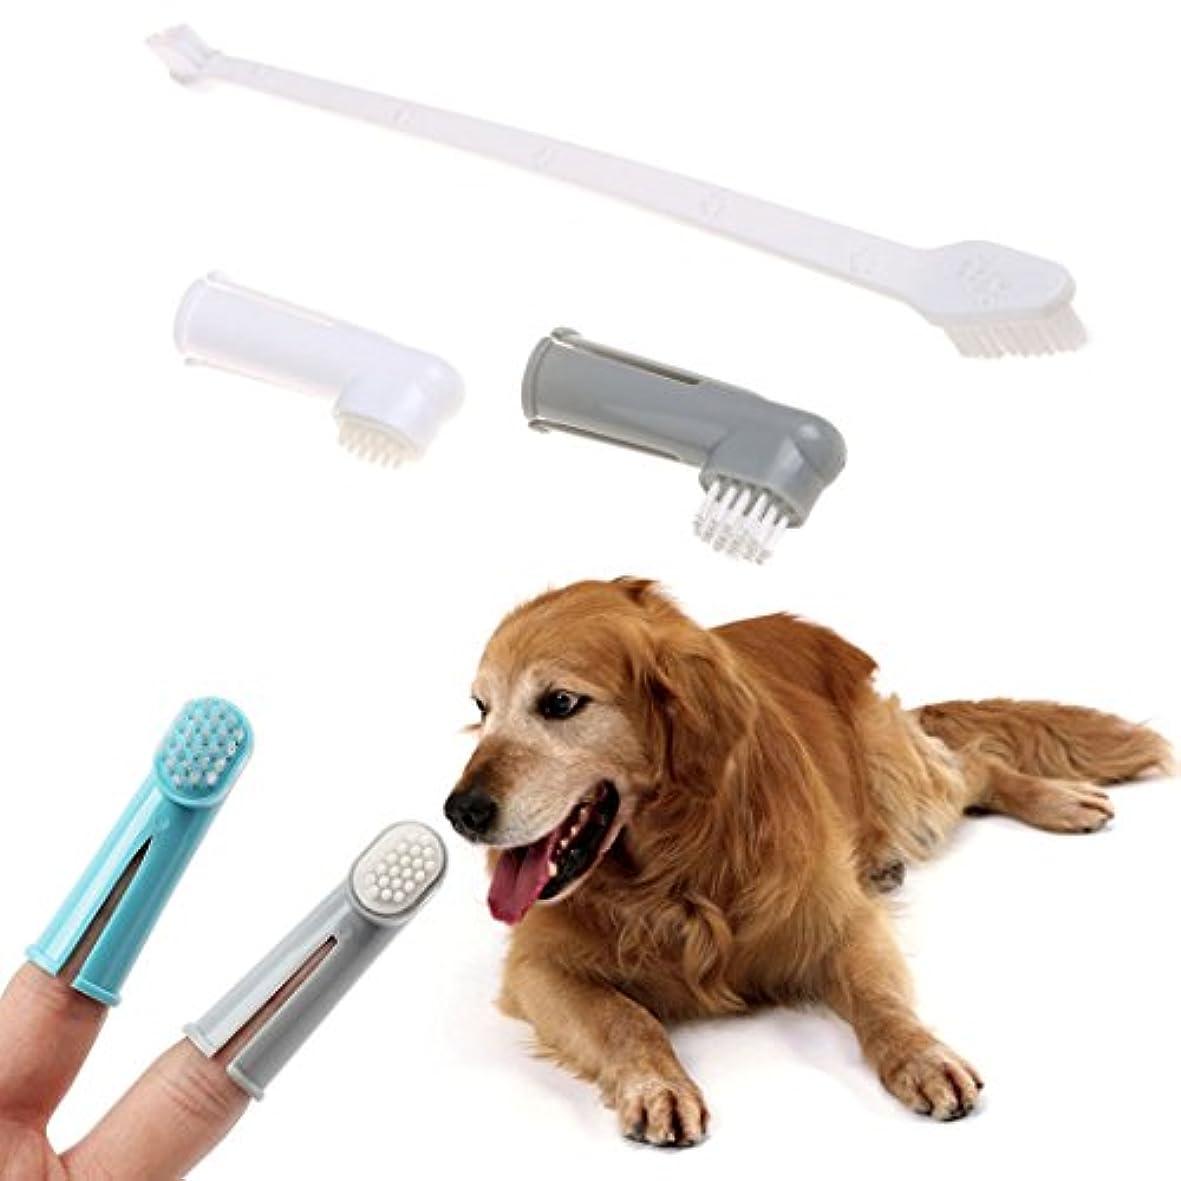 ピボットクレーターの前でLegendog ペットの歯ブラシ 犬用歯ブラシ 指歯 ブラシ 歯磨き ペット歯ケア用品 カラフル 3ピースセット(合計9個)